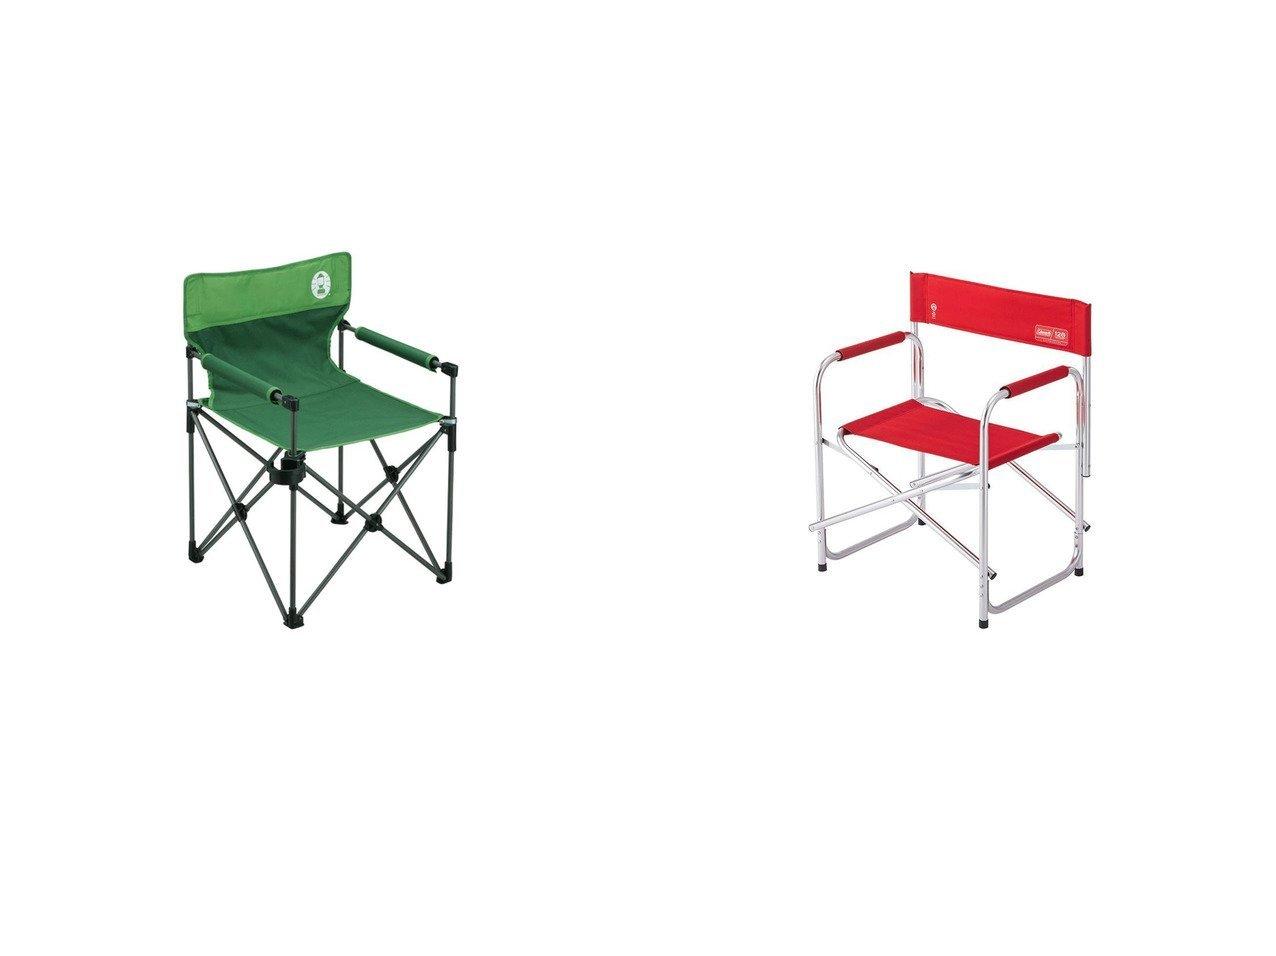 【coleman/コールマン】の【商品】椅子 チェア 折りたたみ 120周年キャプテンチェア 2000037320&カップホルダー付きスリムチェア グリーン 2000010512 おすすめ!人気キャンプ・アウトドア用品の通販 おすすめで人気の流行・トレンド、ファッションの通販商品 メンズファッション・キッズファッション・インテリア・家具・レディースファッション・服の通販 founy(ファニー) https://founy.com/ スリム テーブル フレーム 人気 ホーム・キャンプ・アウトドア Home,Garden,Outdoor,Camping Gear キャンプ用品・アウトドア  Camping Gear & Outdoor Supplies チェア テーブル Camp Chairs, Camping Tables  ID:crp329100000035237